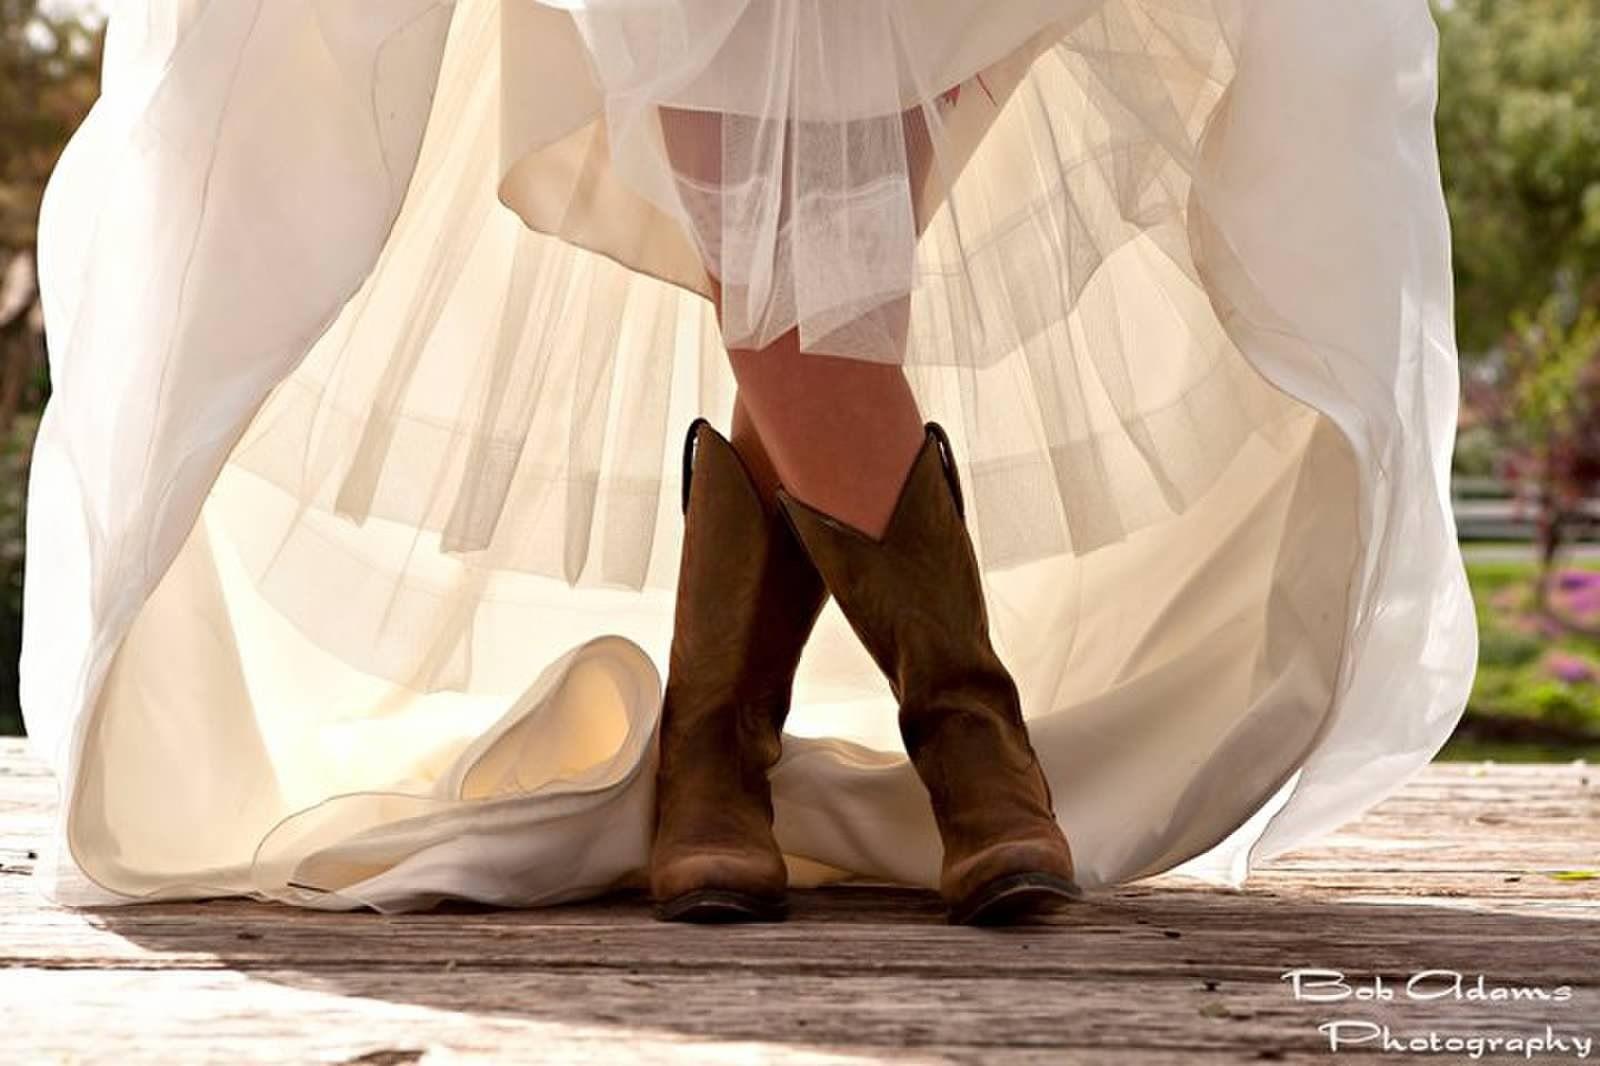 Boots under my dress- duh!